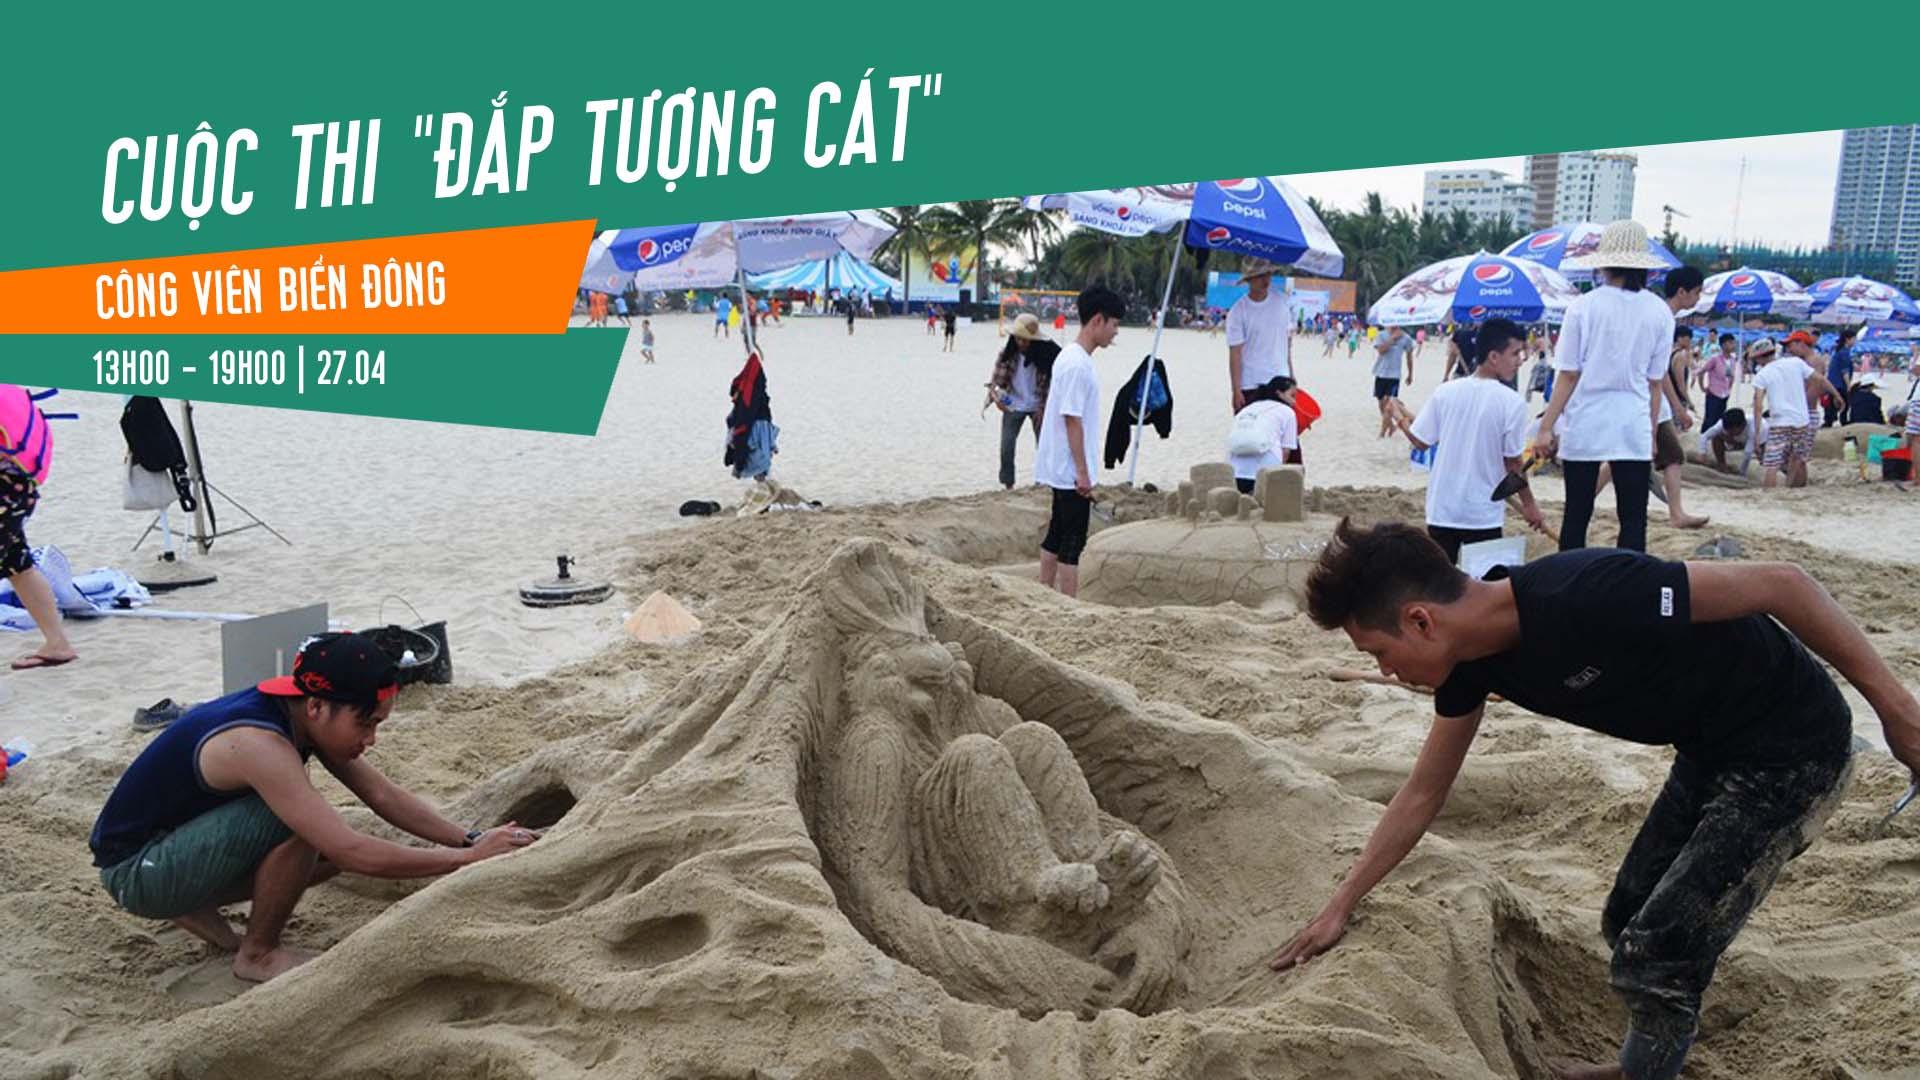 Chi tiết chương trình Khai trương mùa Du lịch biển Đà Nẵng 2018 7